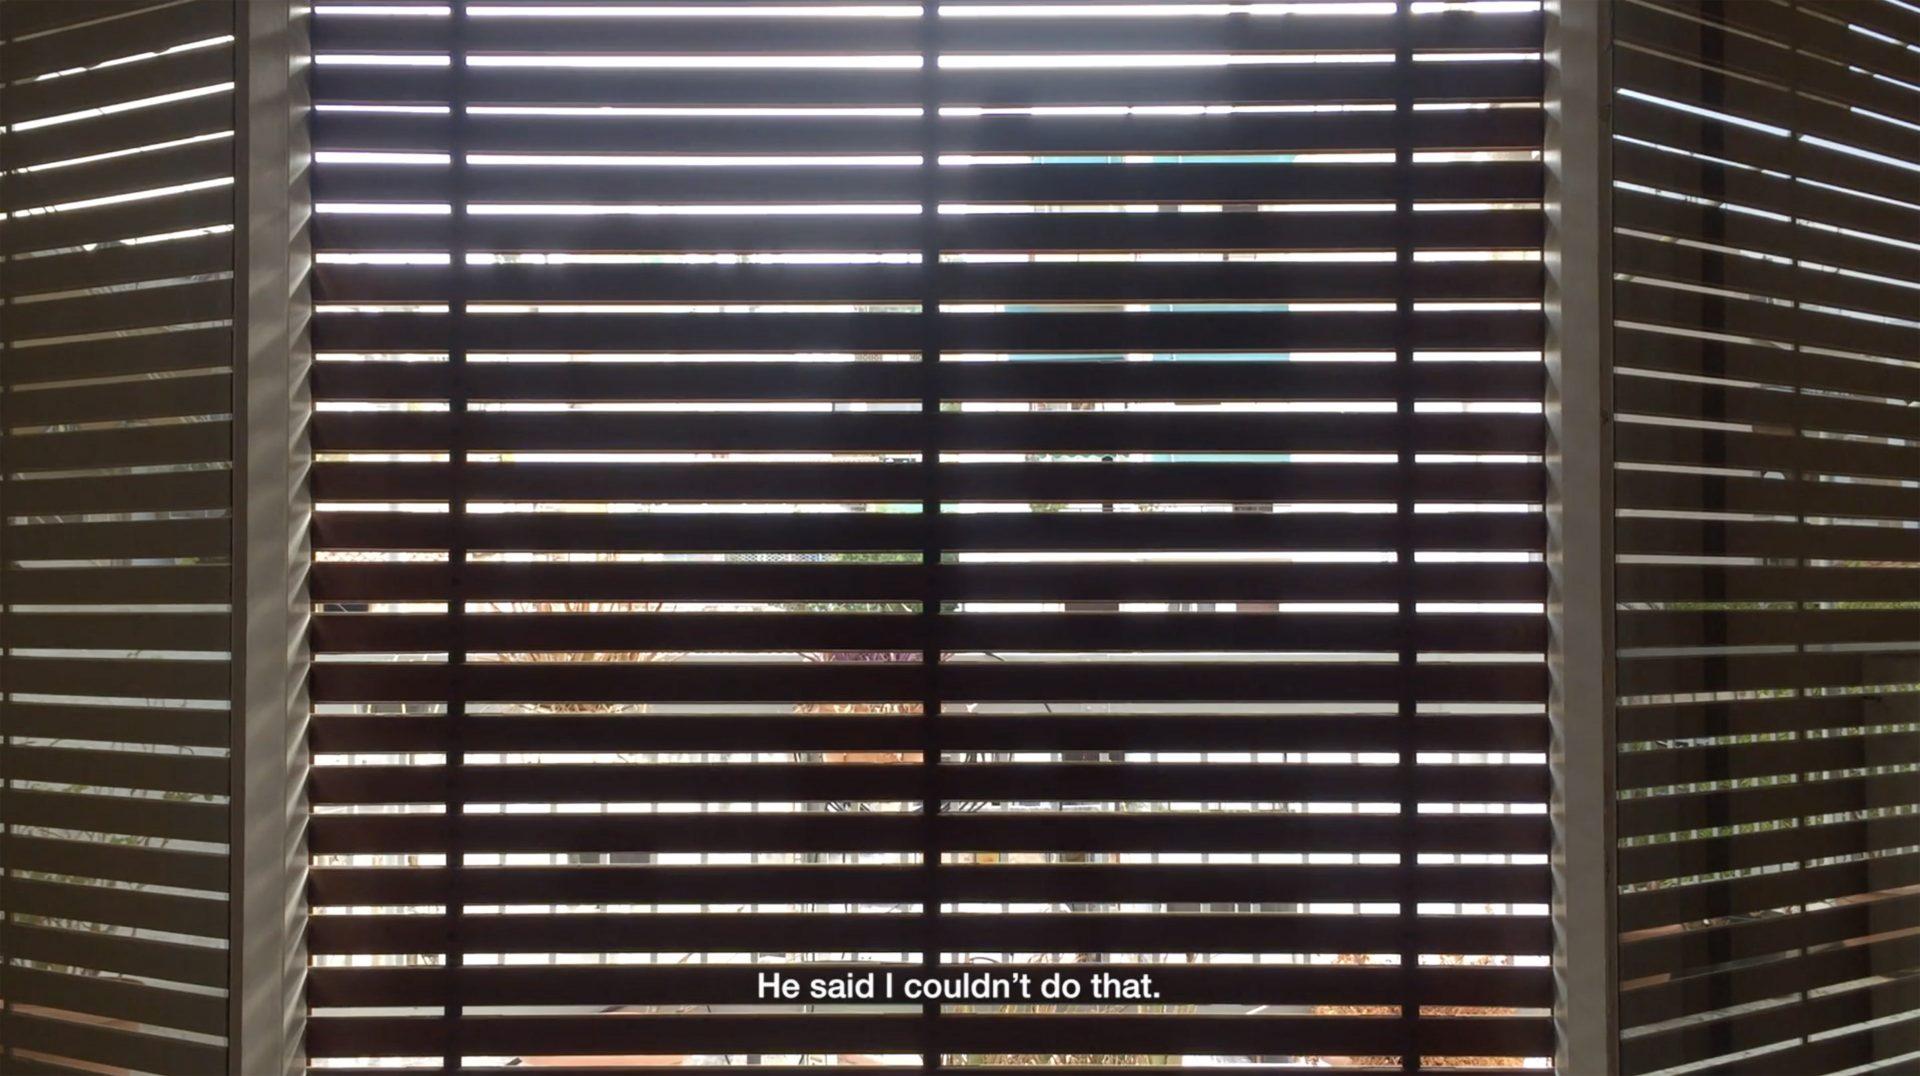 TheFilm_still_01